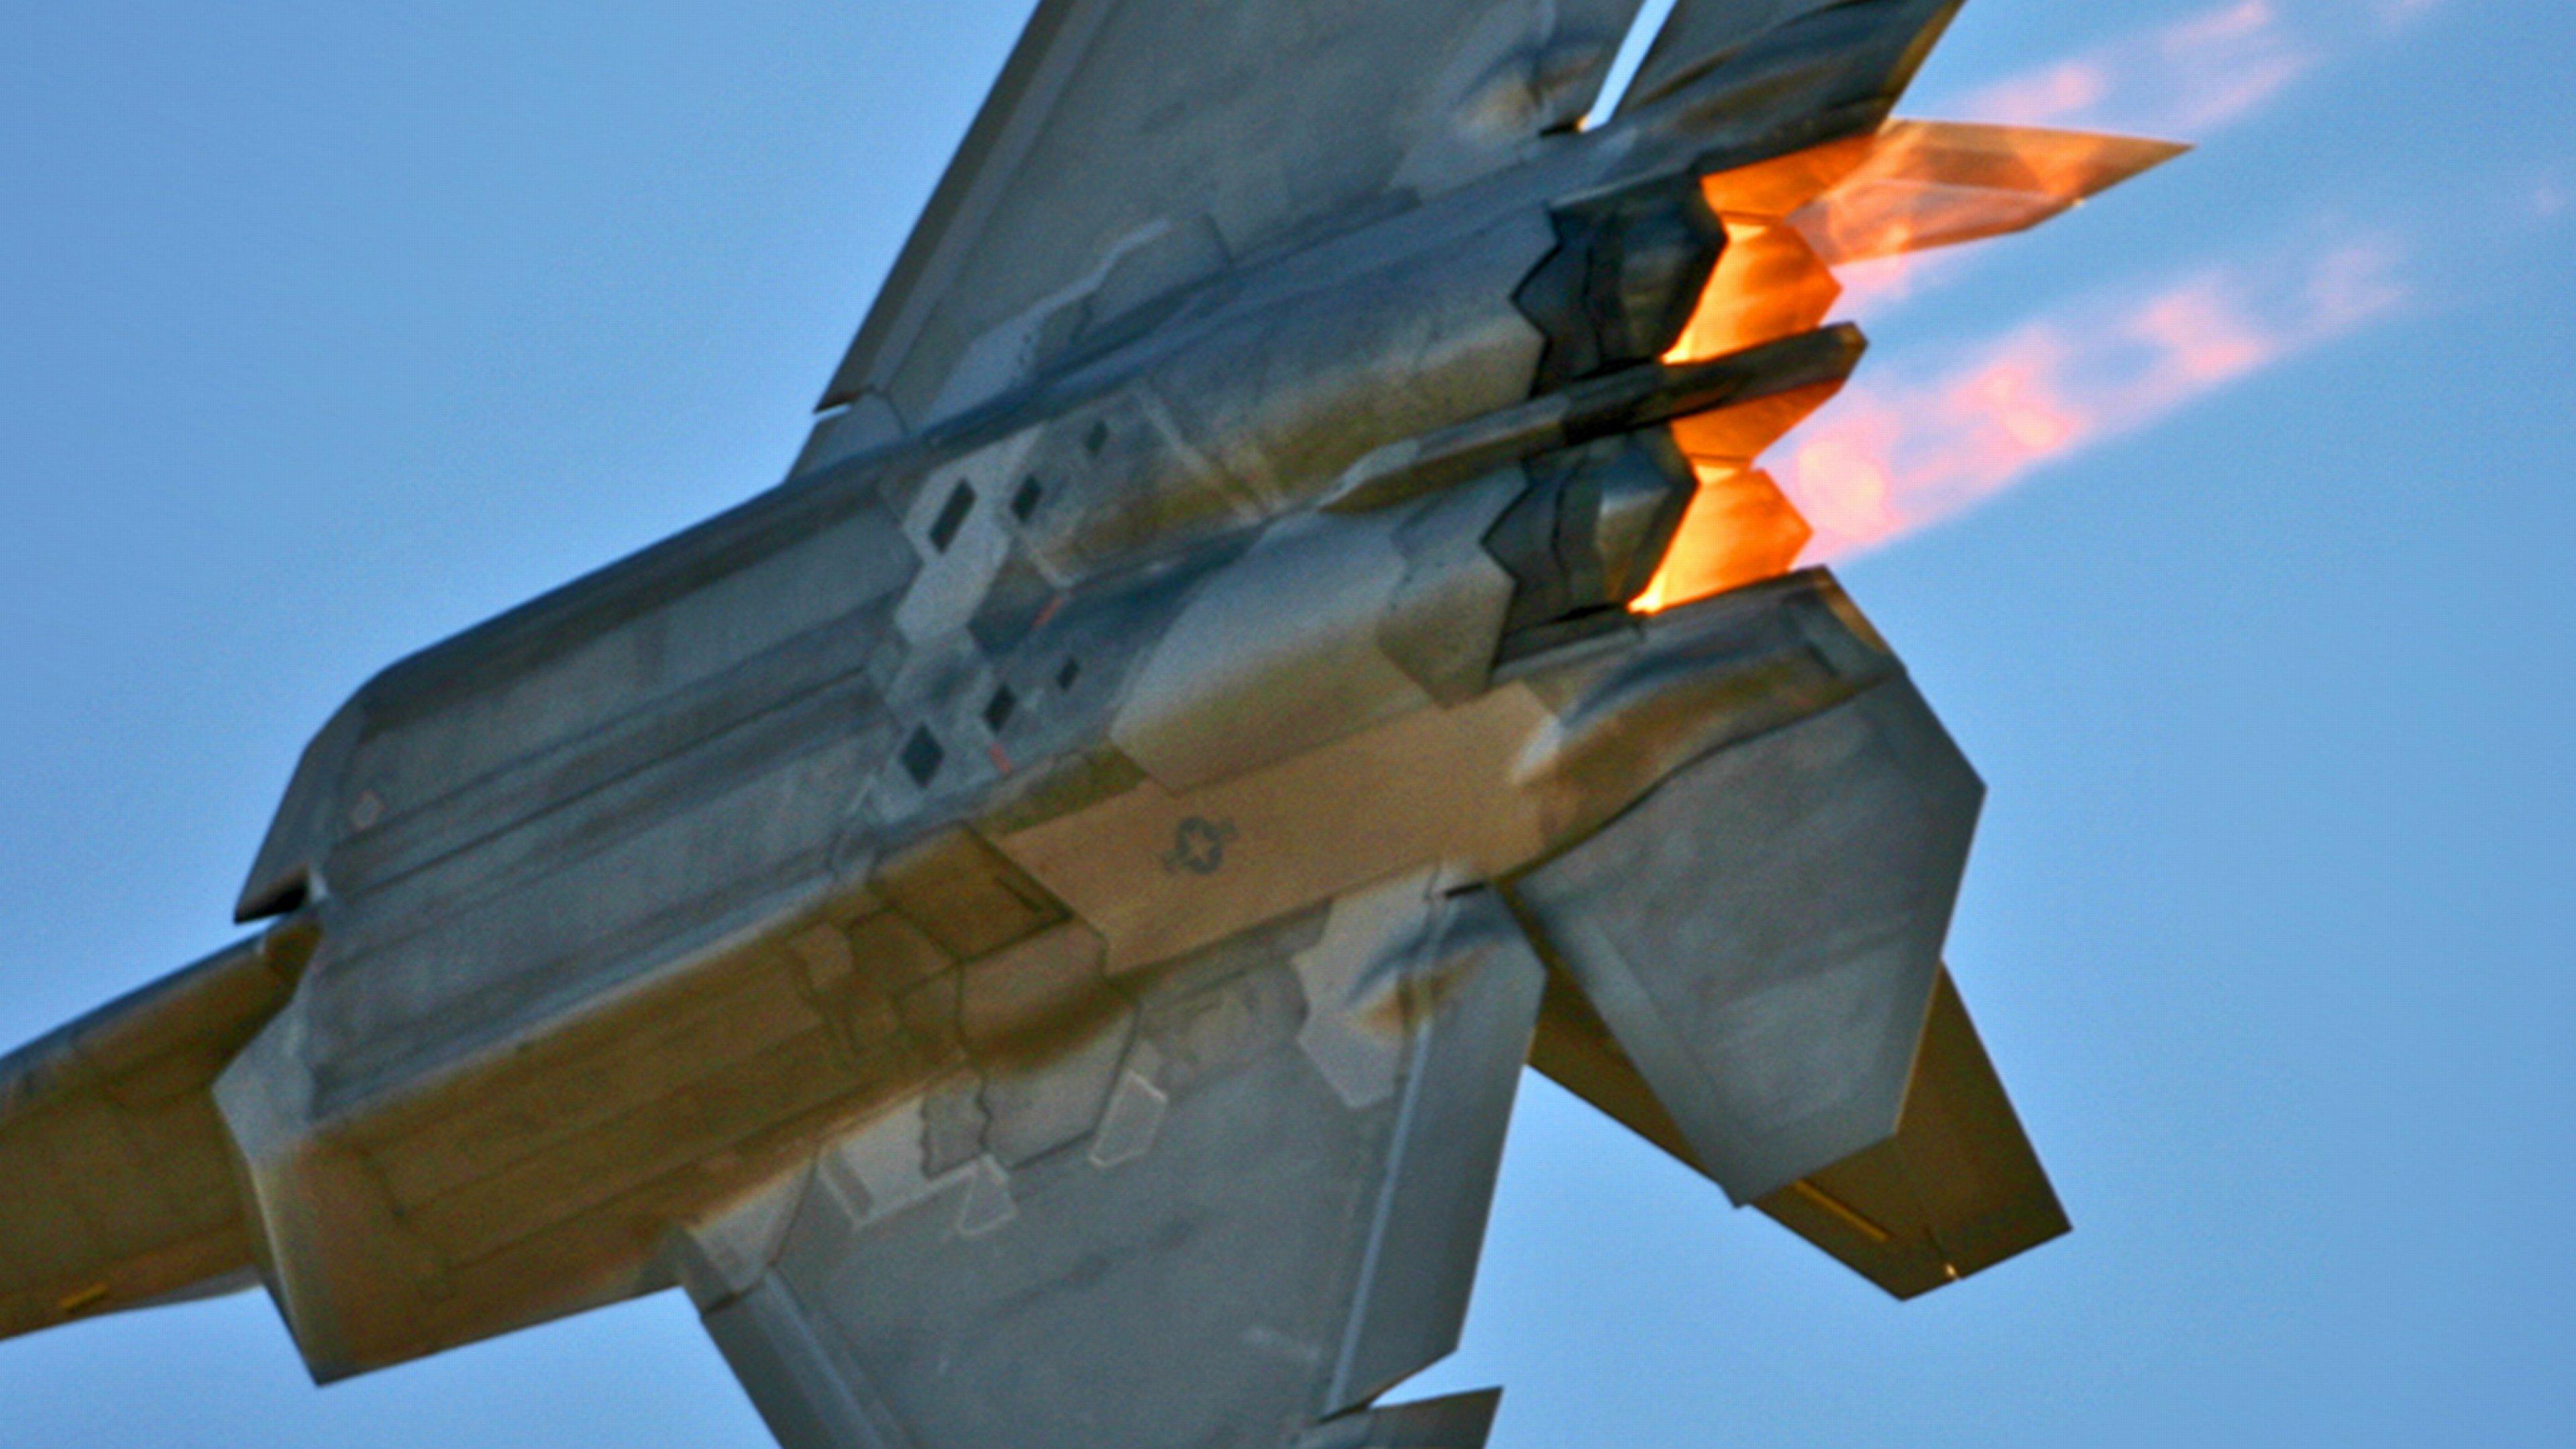 Lockheed Martin F 22 Raptor Wallpapers 3840x2160 Ultra Hd 4k